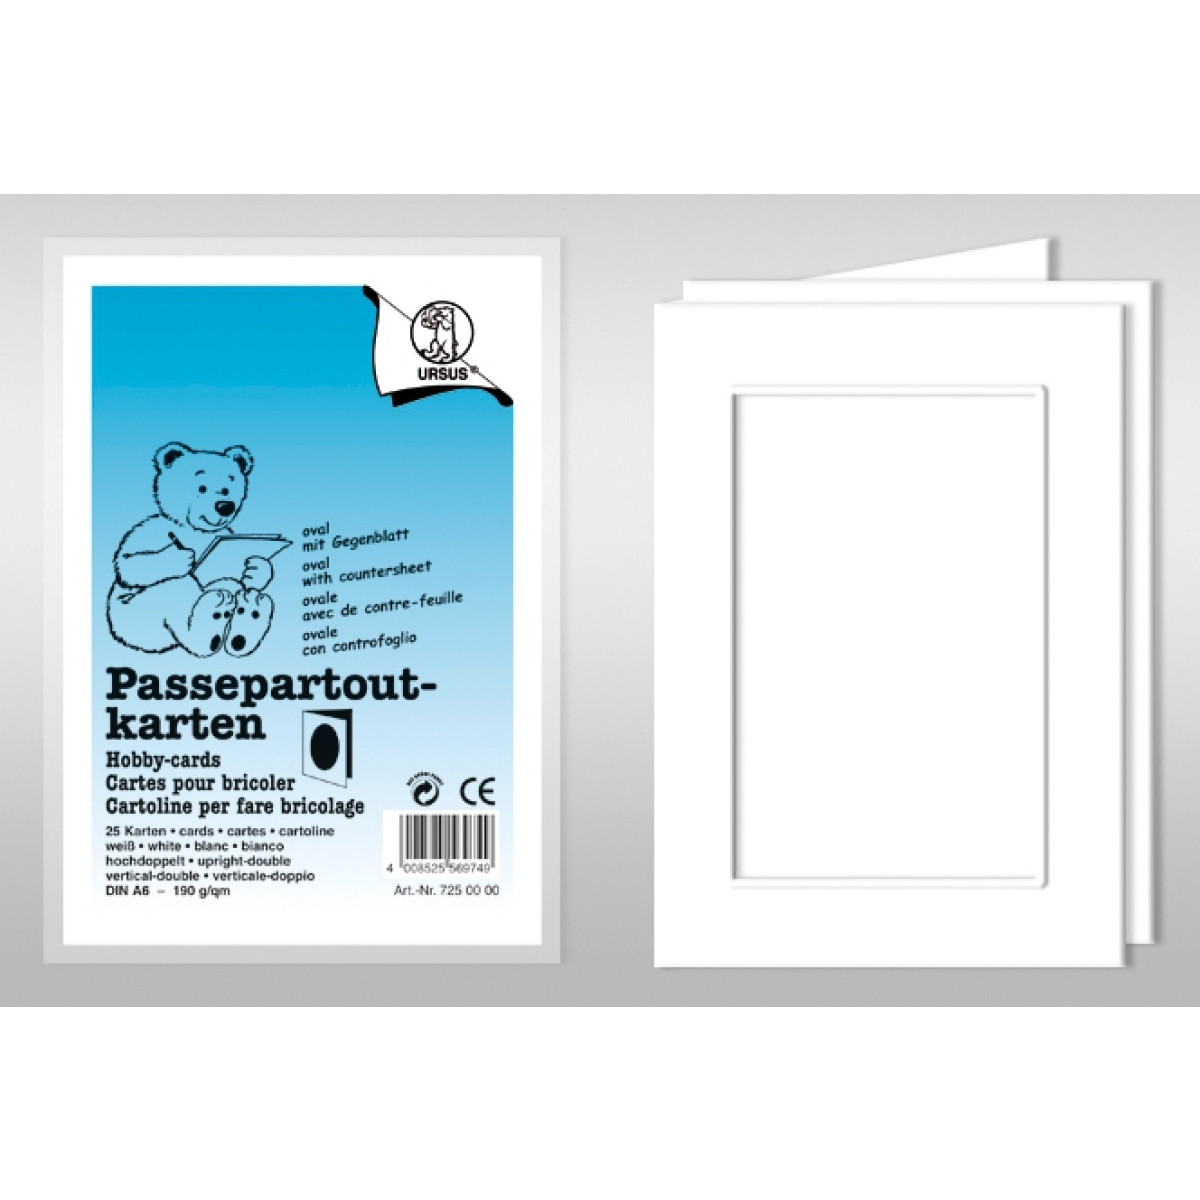 Passepartoutkarten rechteckig mit Briefumschlägen DIN A6 hochdoppelt - 5 Stück